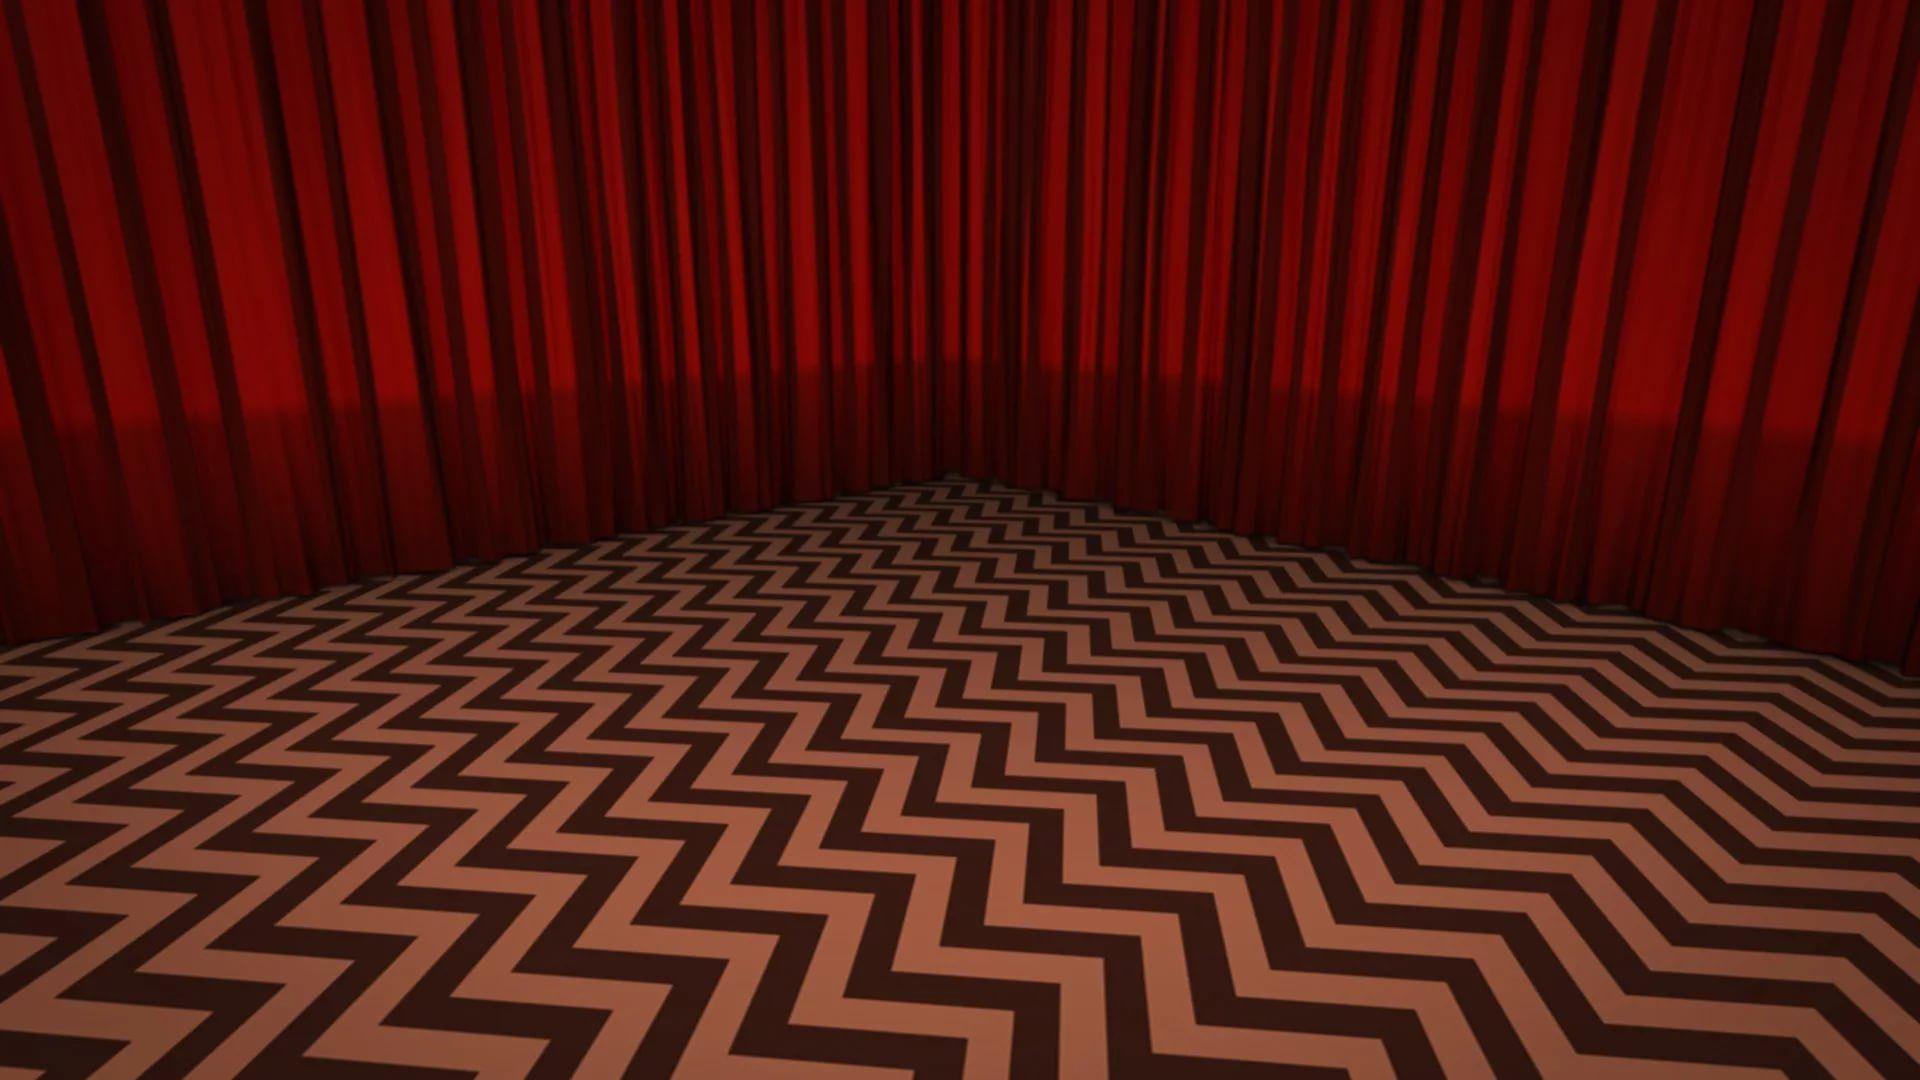 Twin Peaks full hd wallpaper